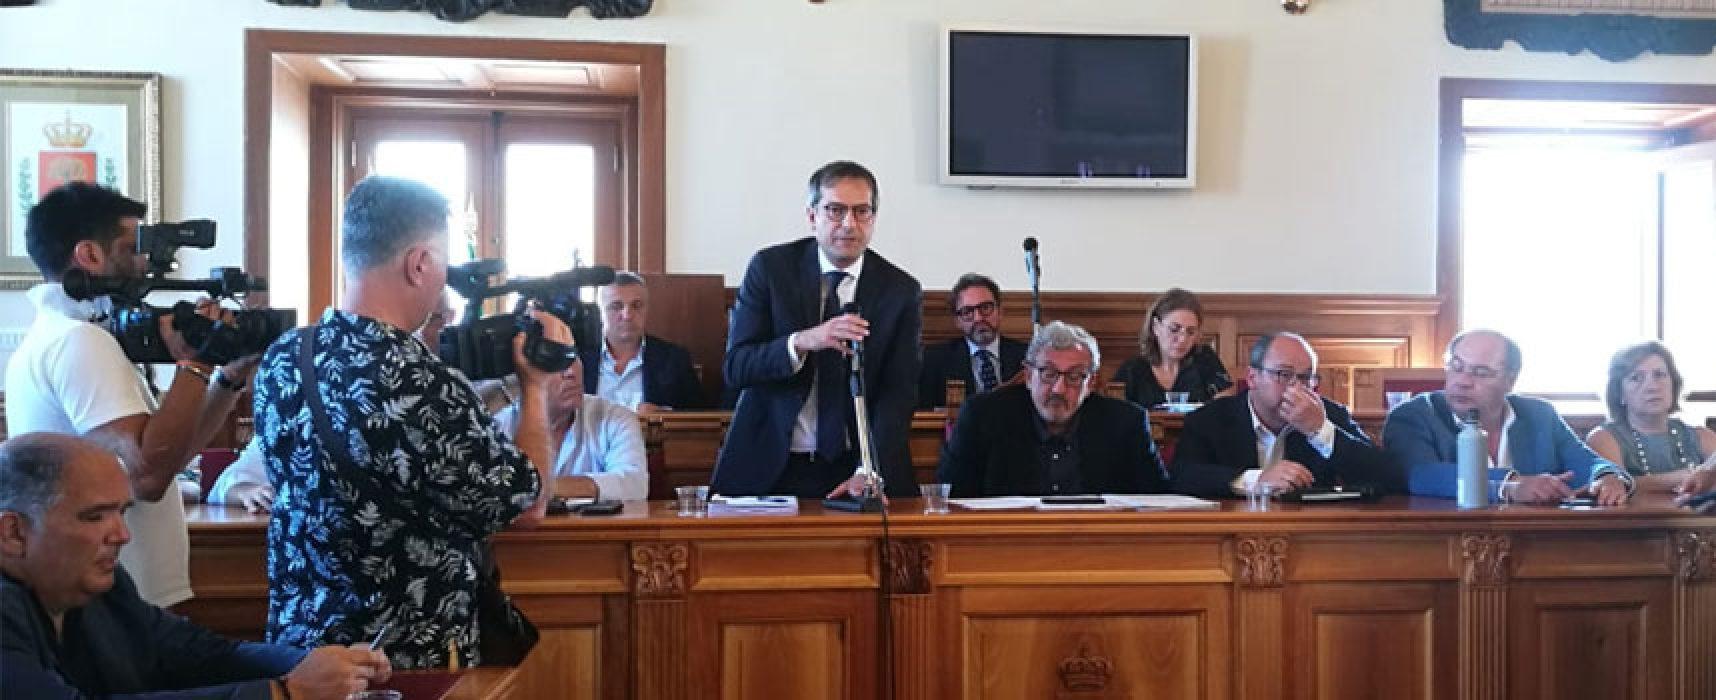 """Nuovo ospedale, Angarano: """"Giornata storica. Sarà una struttura moderna ed efficiente"""""""